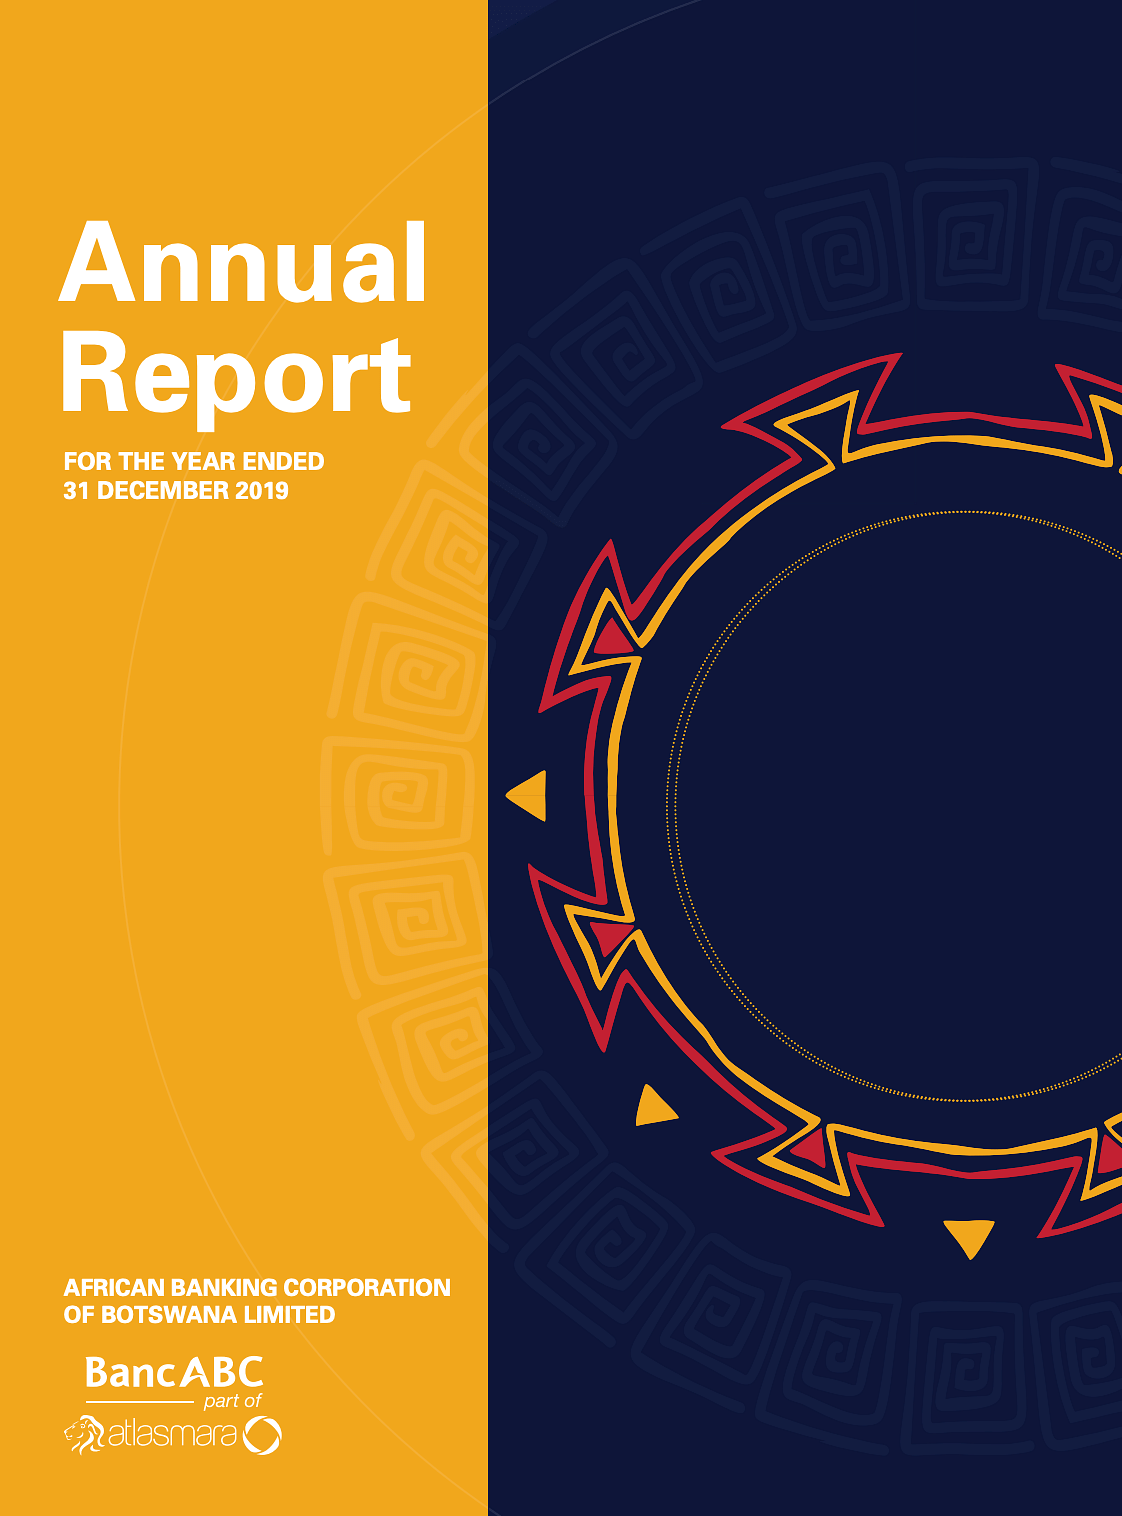 BancABC Annual Report 2019 cover